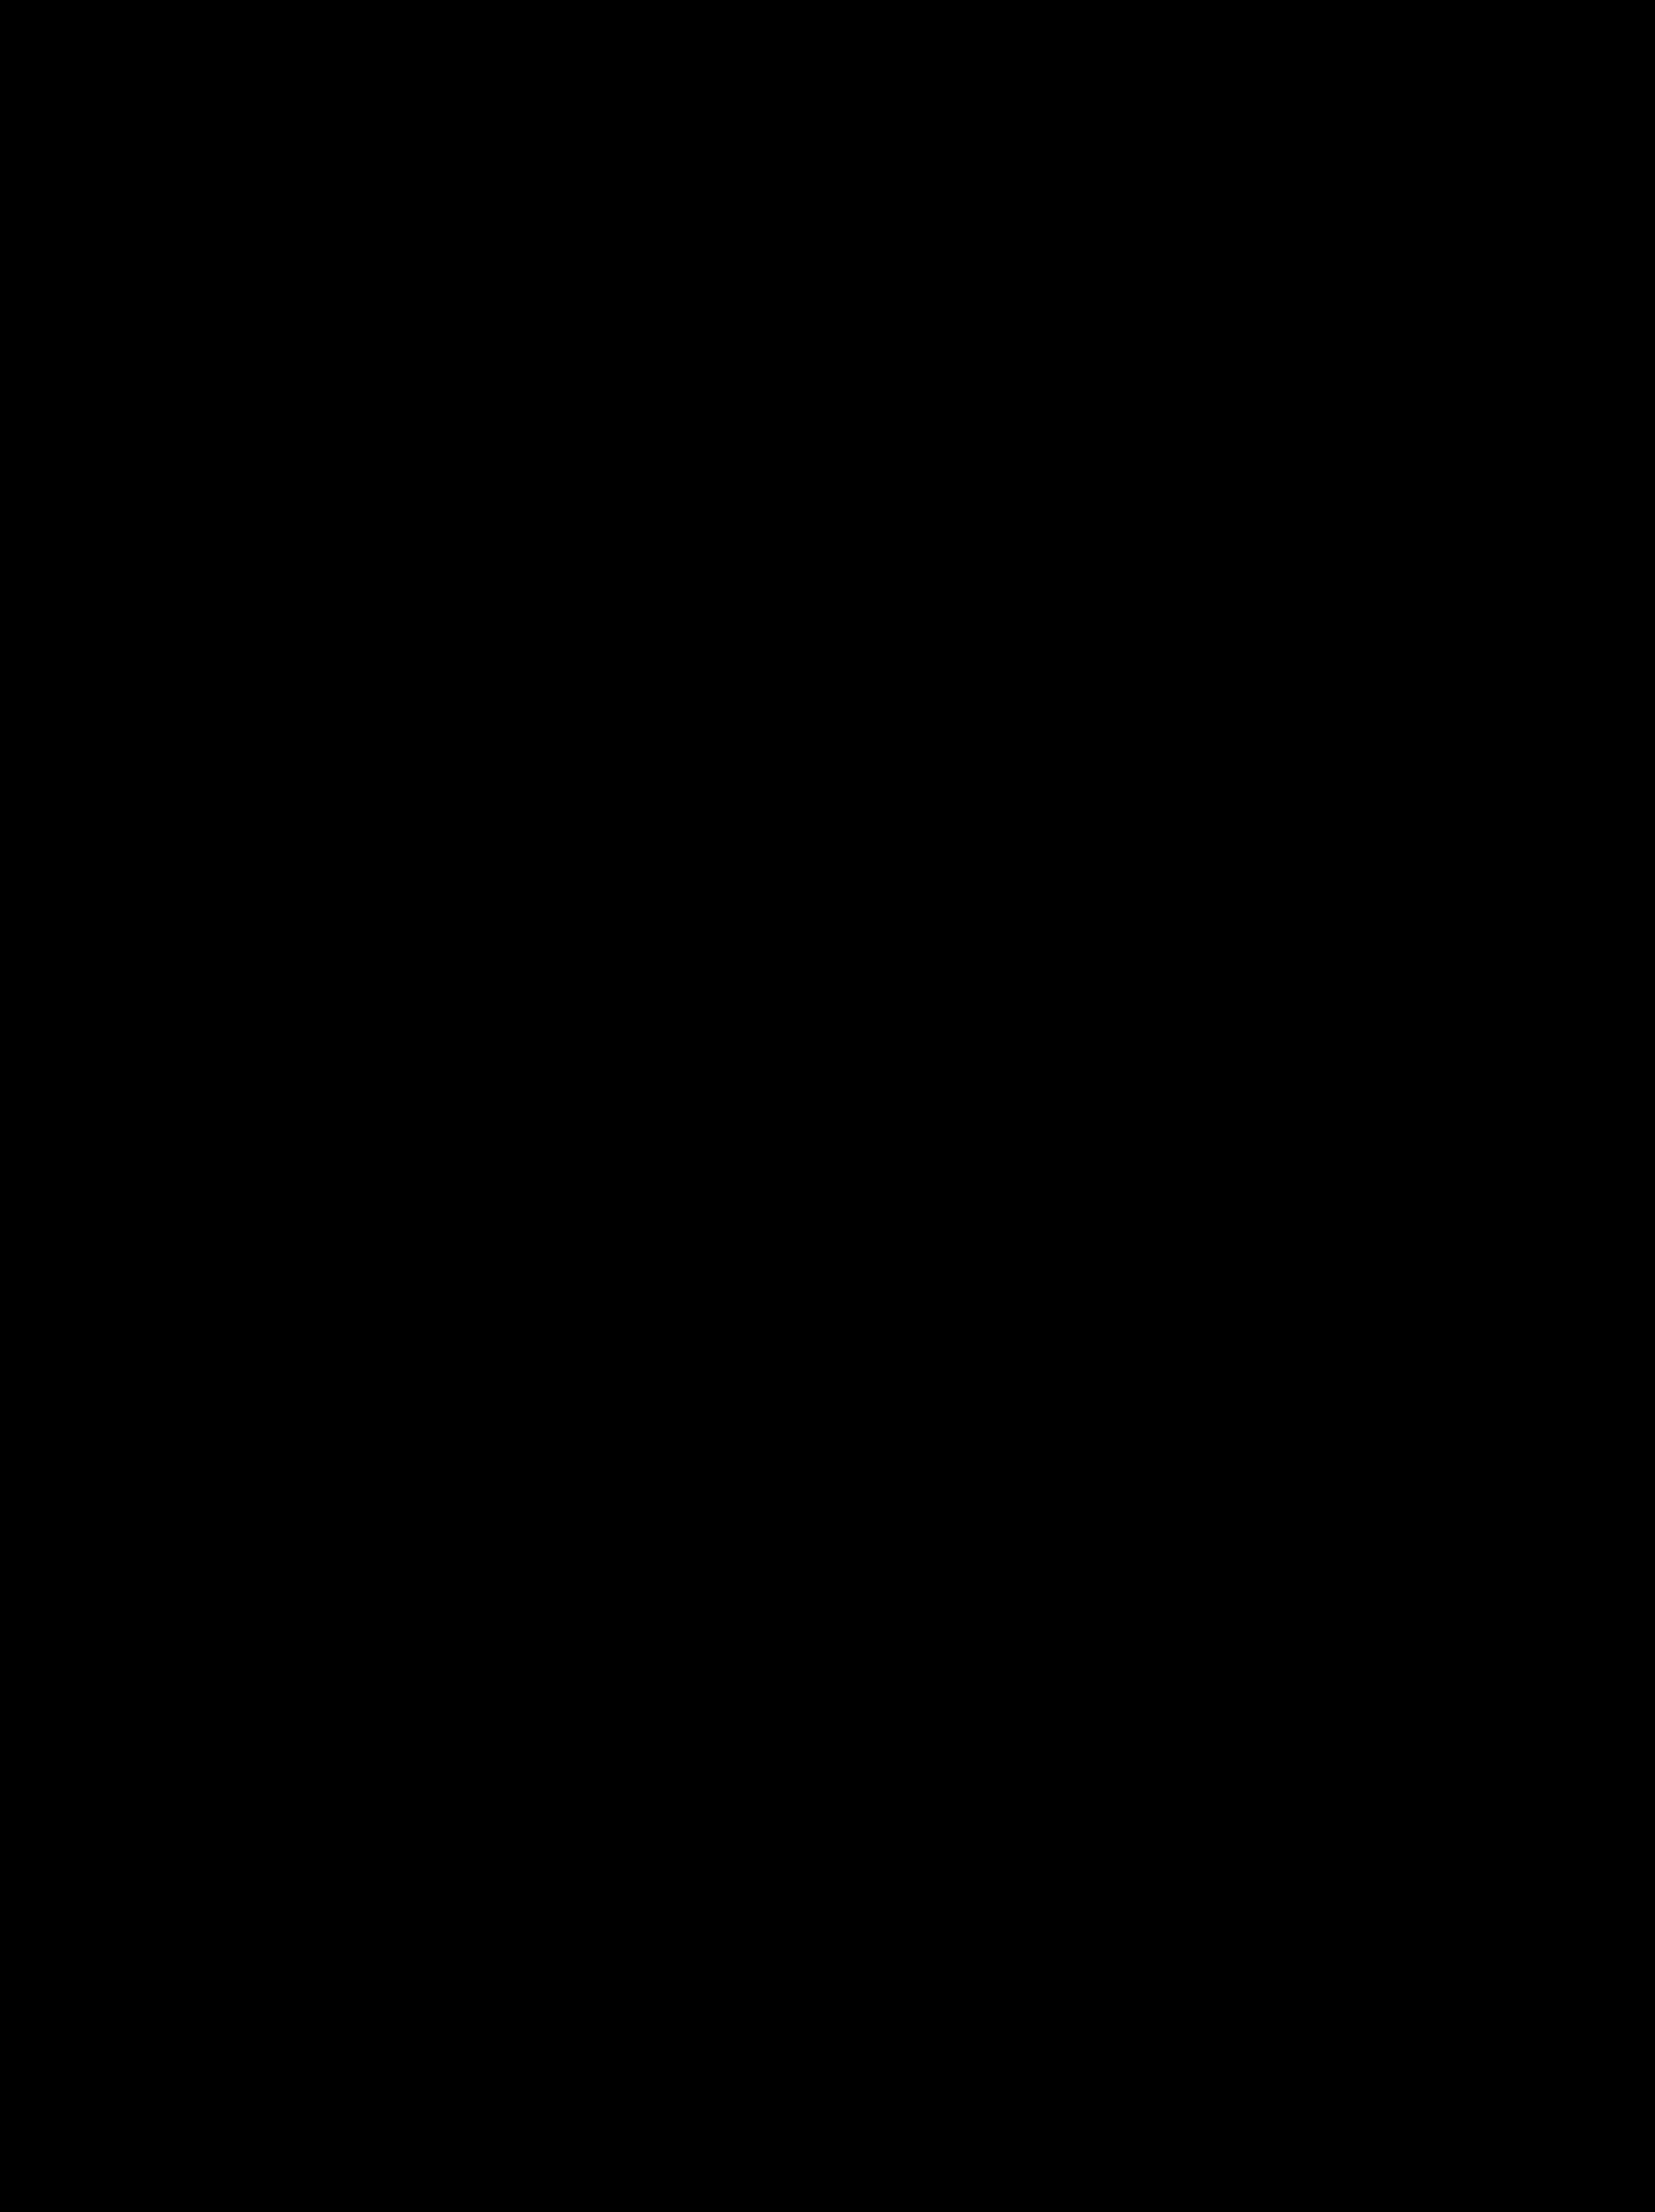 Valor de los inmuebles en España